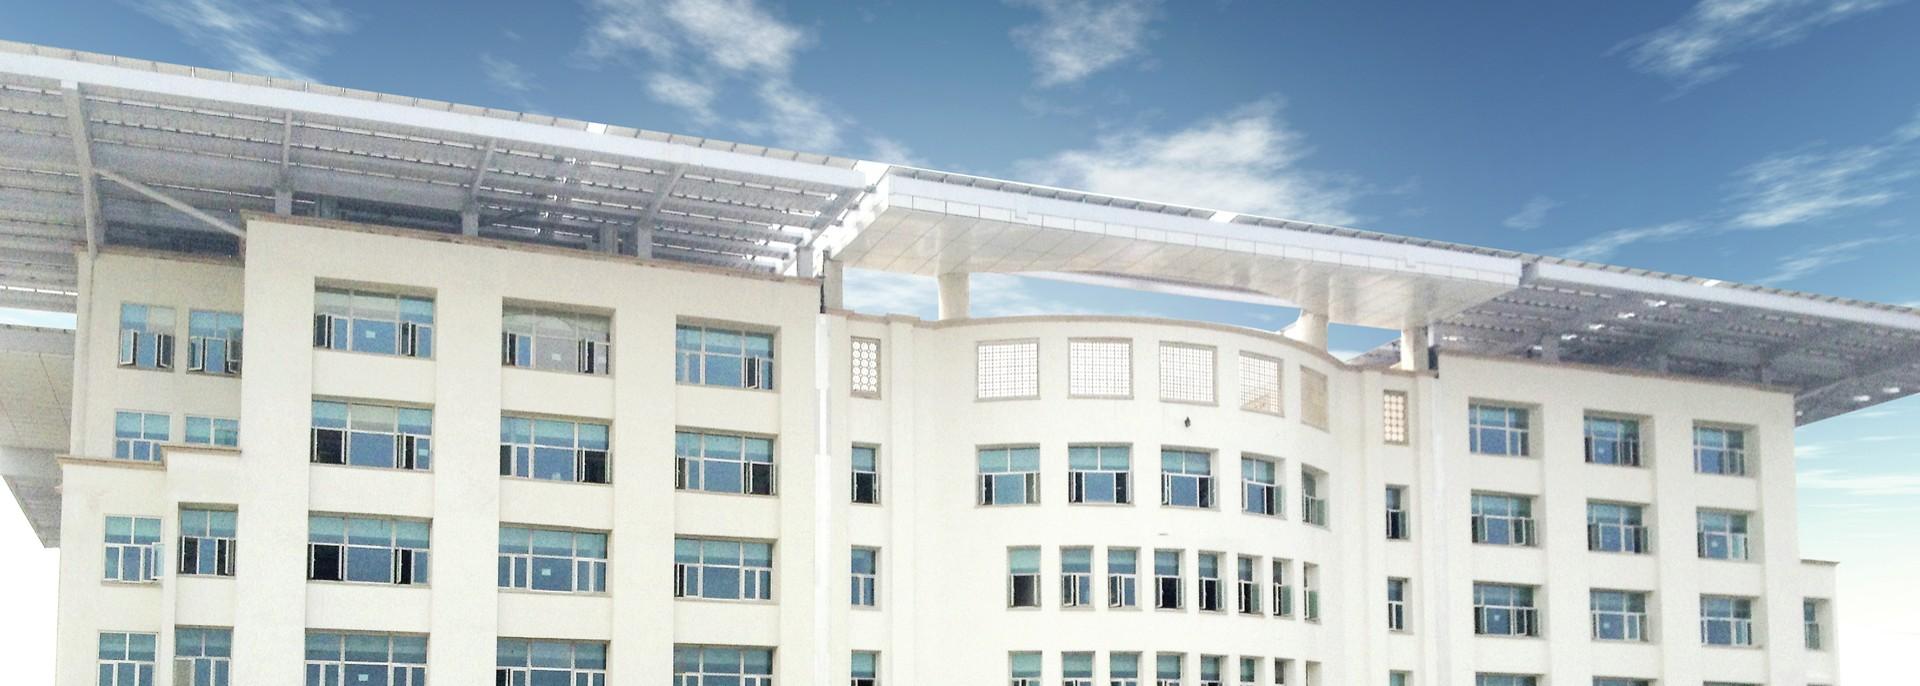 پنجره سه جداره یو پی وی سی در اردبیل